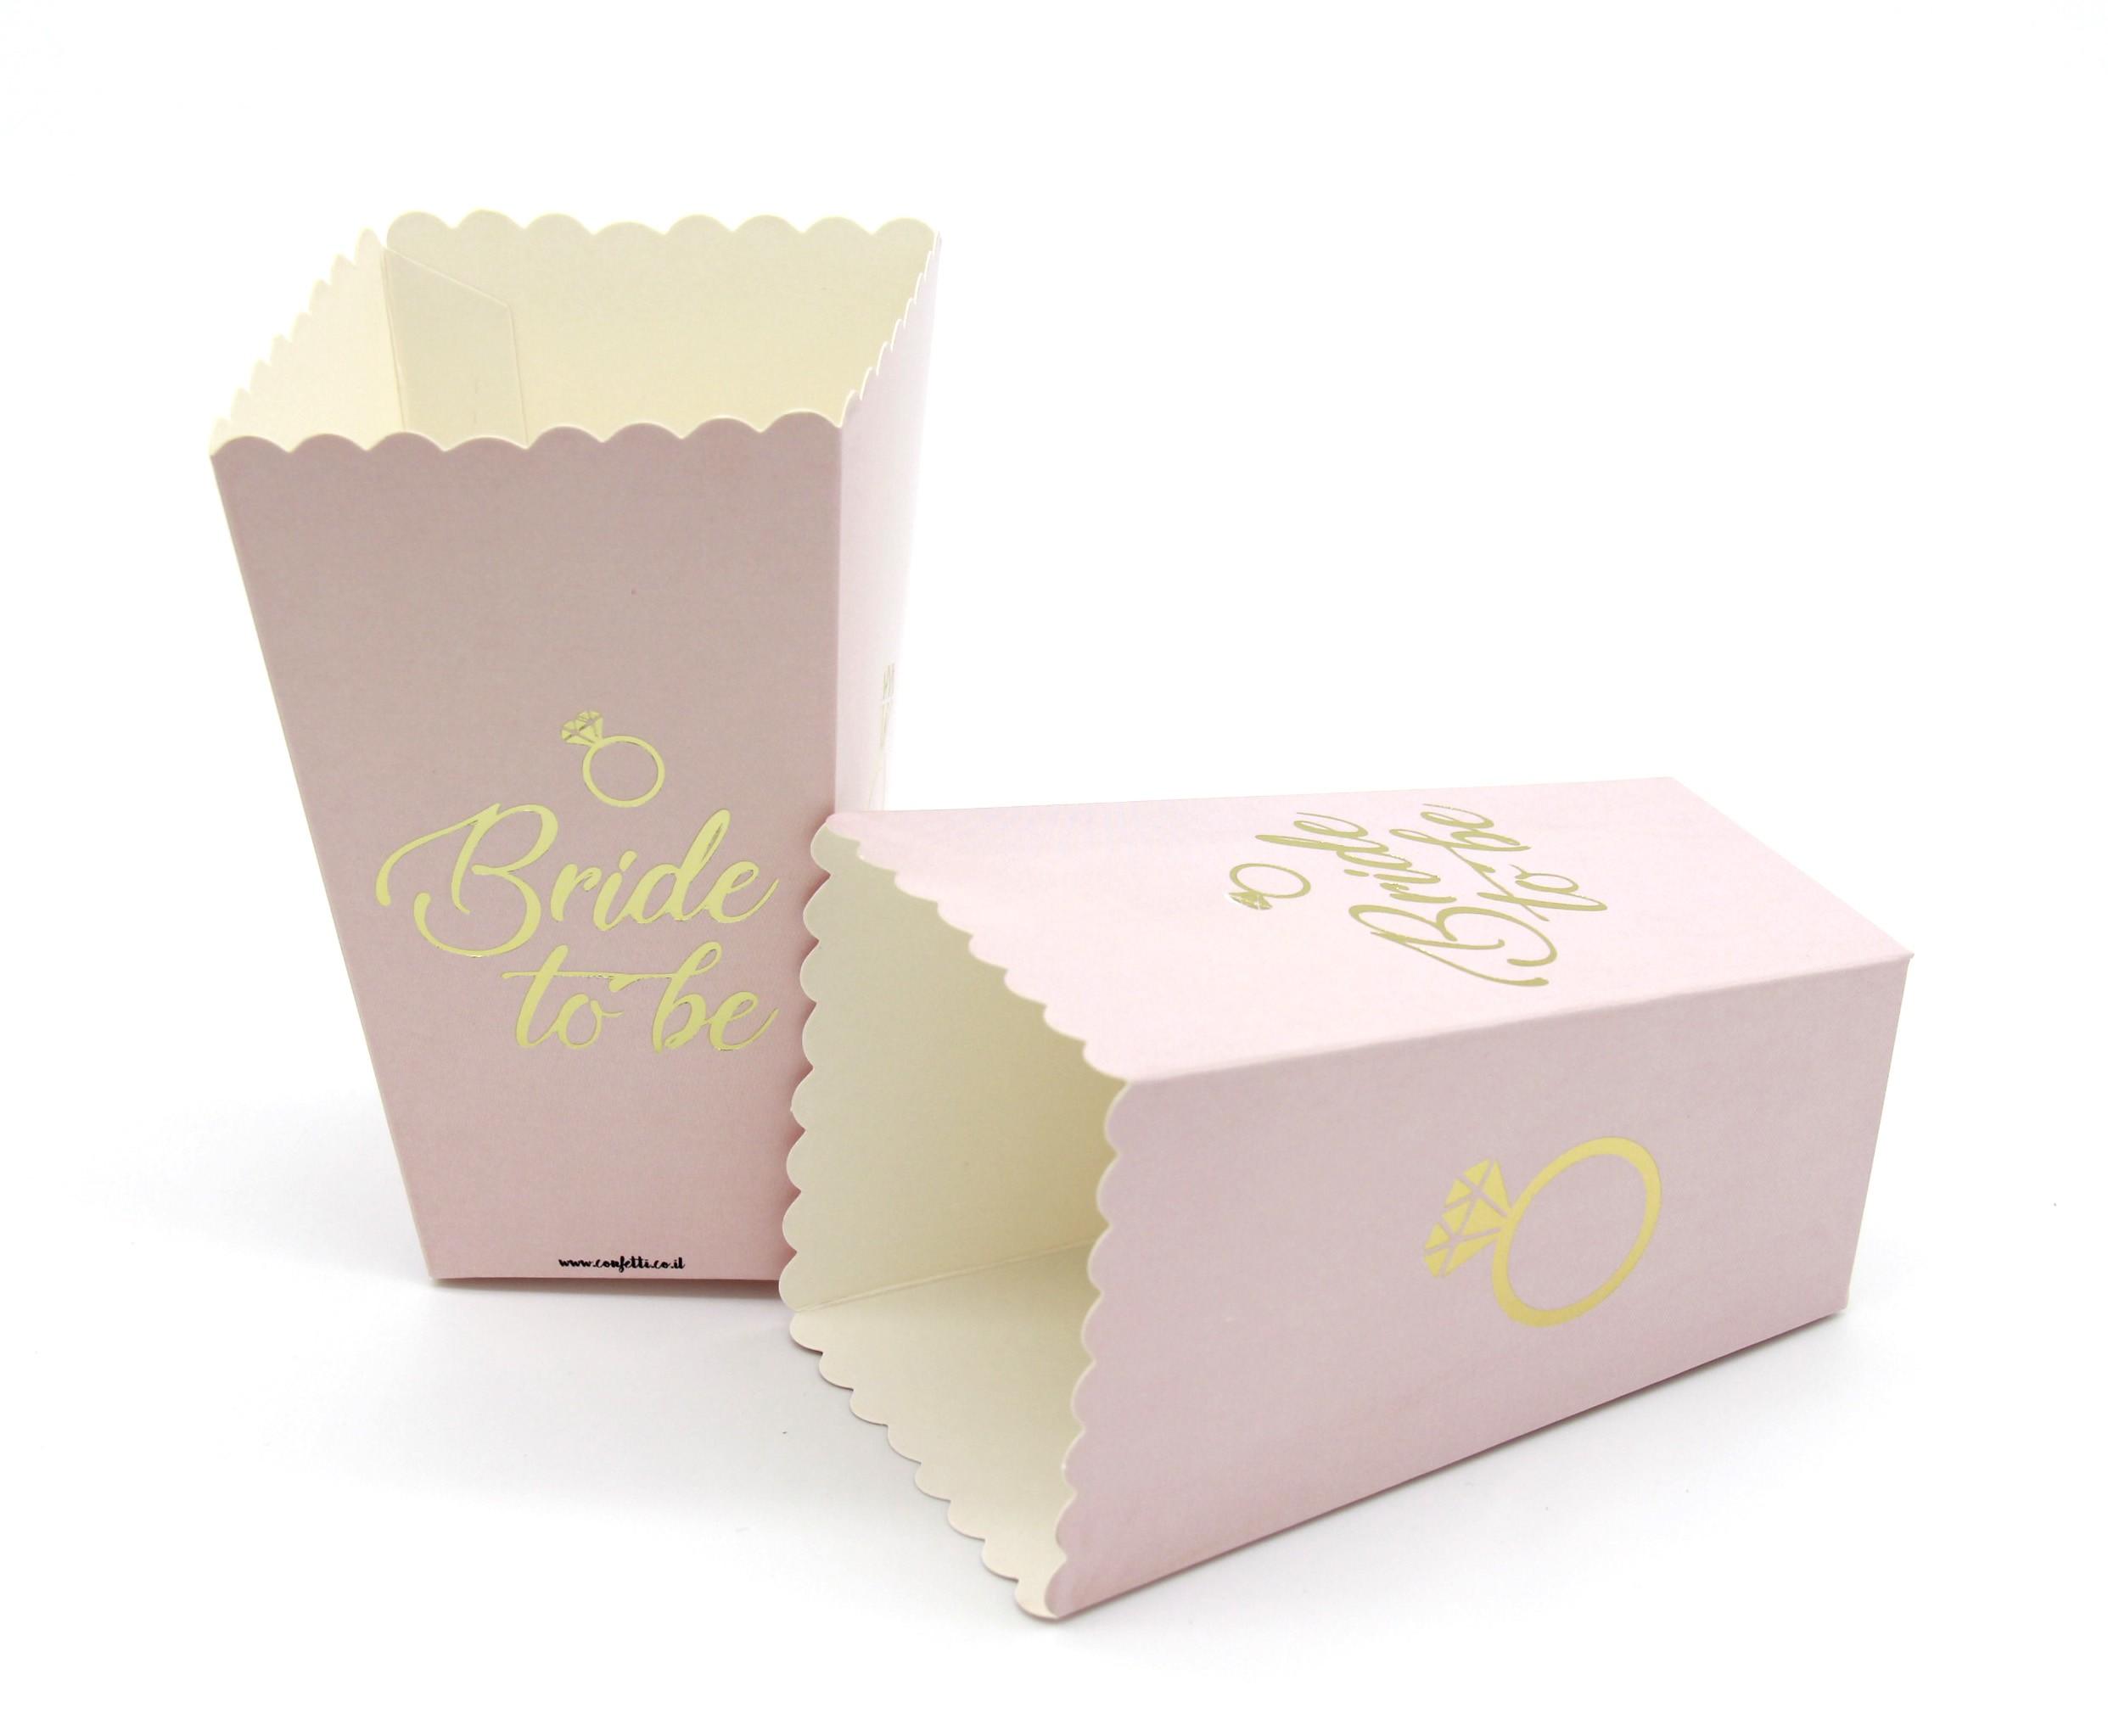 קופסאות פופקורן Bride To be